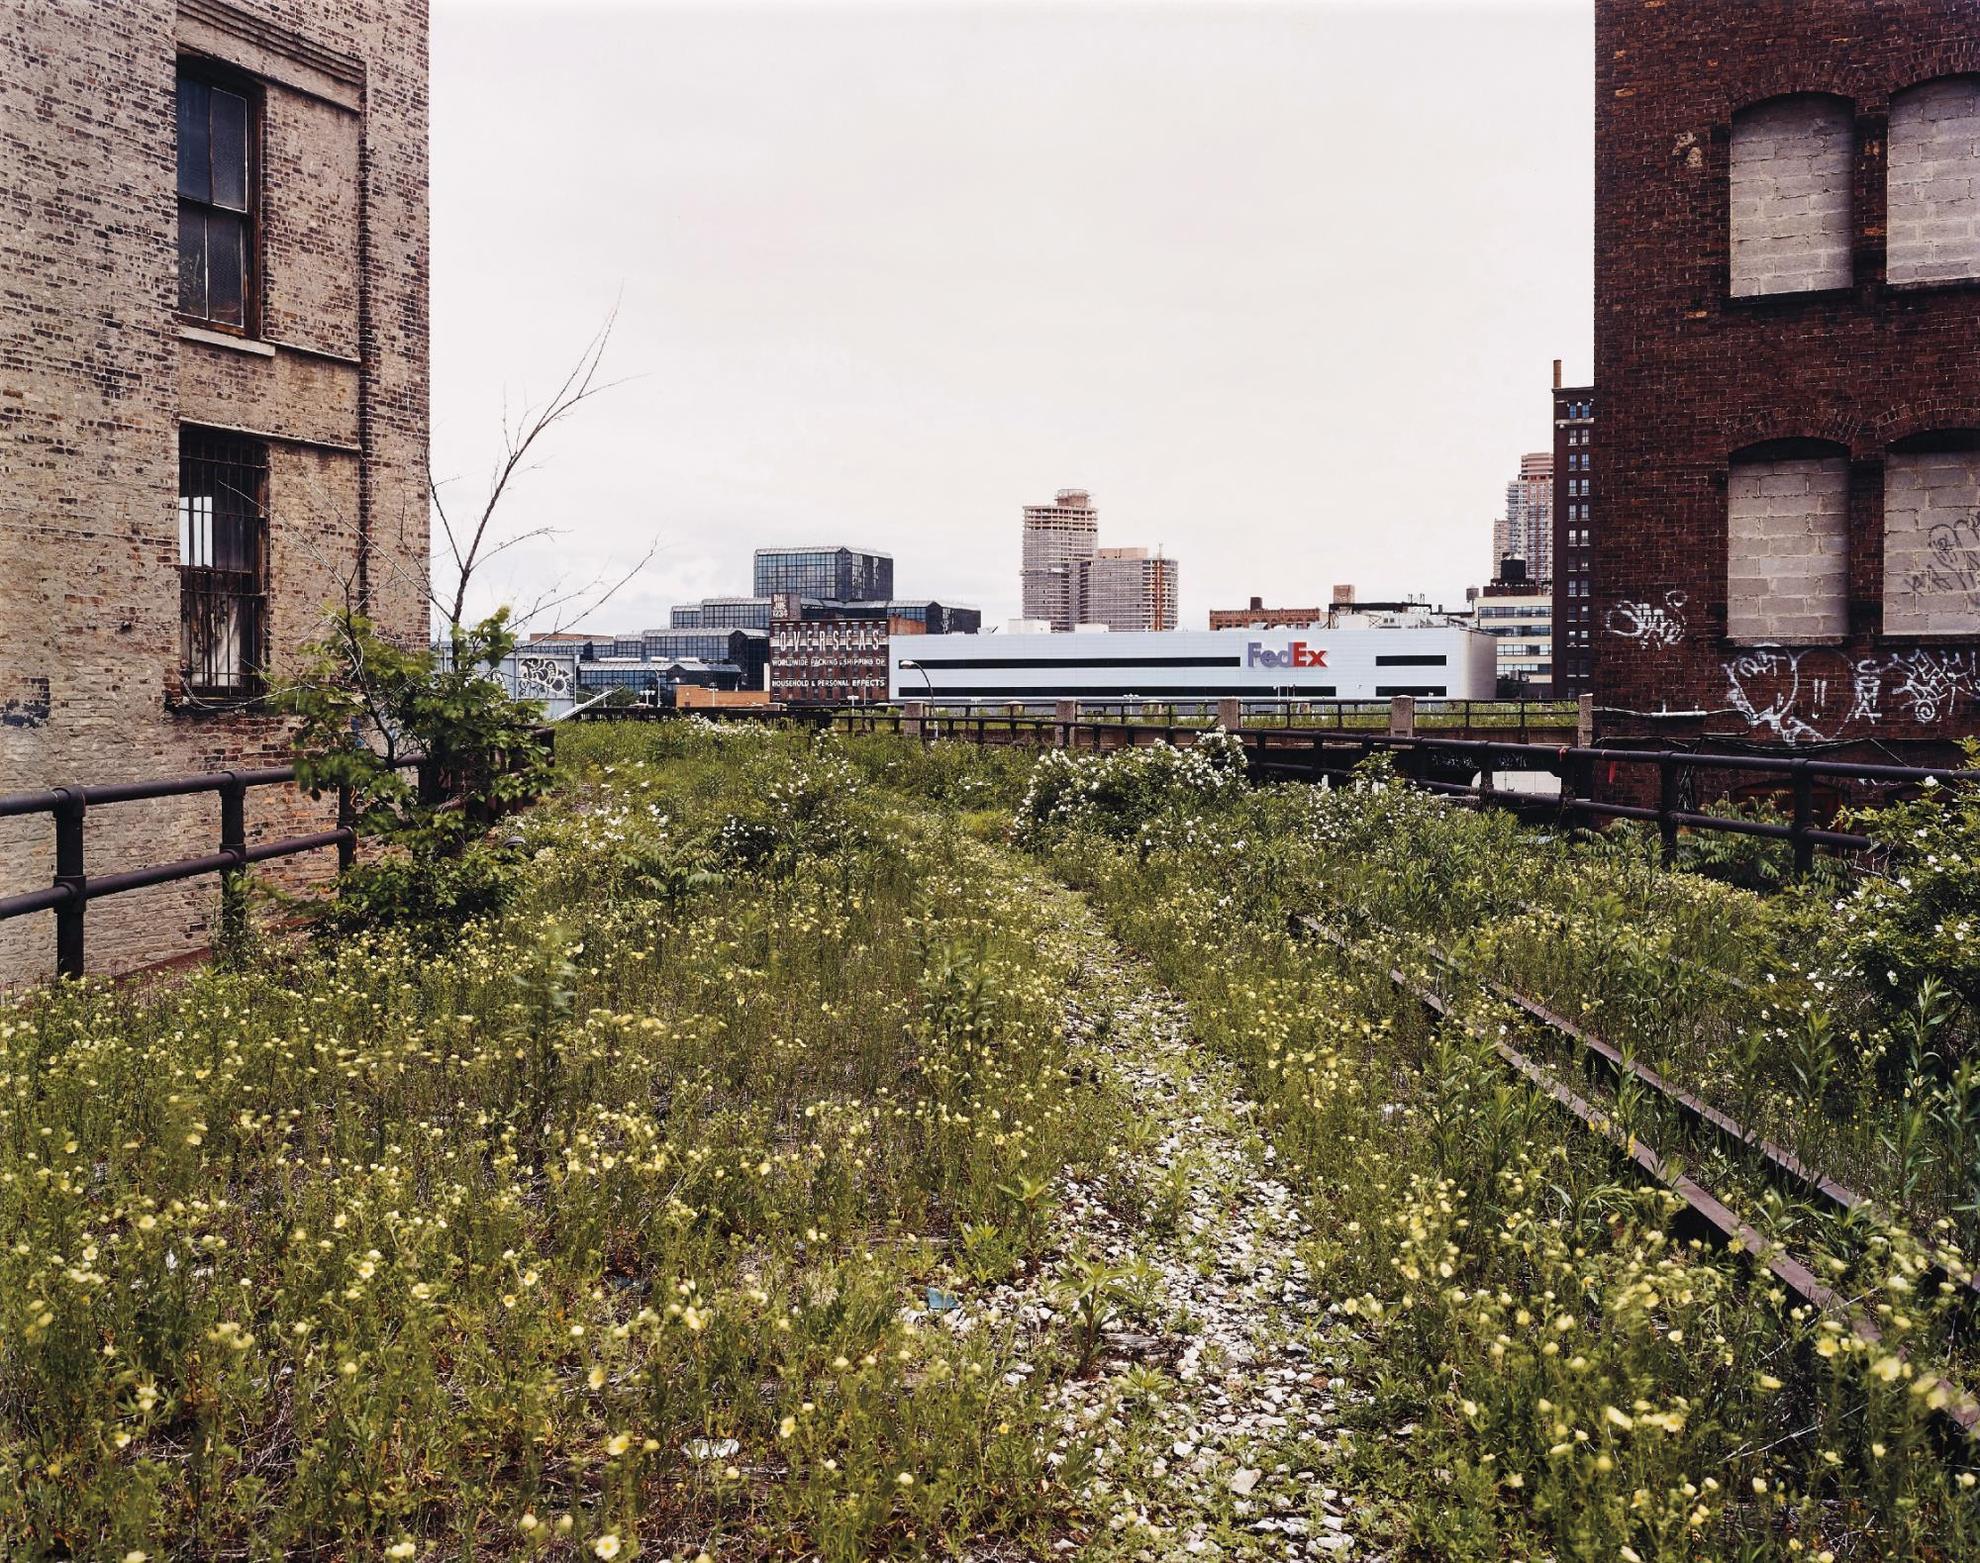 Joel Sternfeld-Looking Northwest From 29Th Street, June 2000-2000